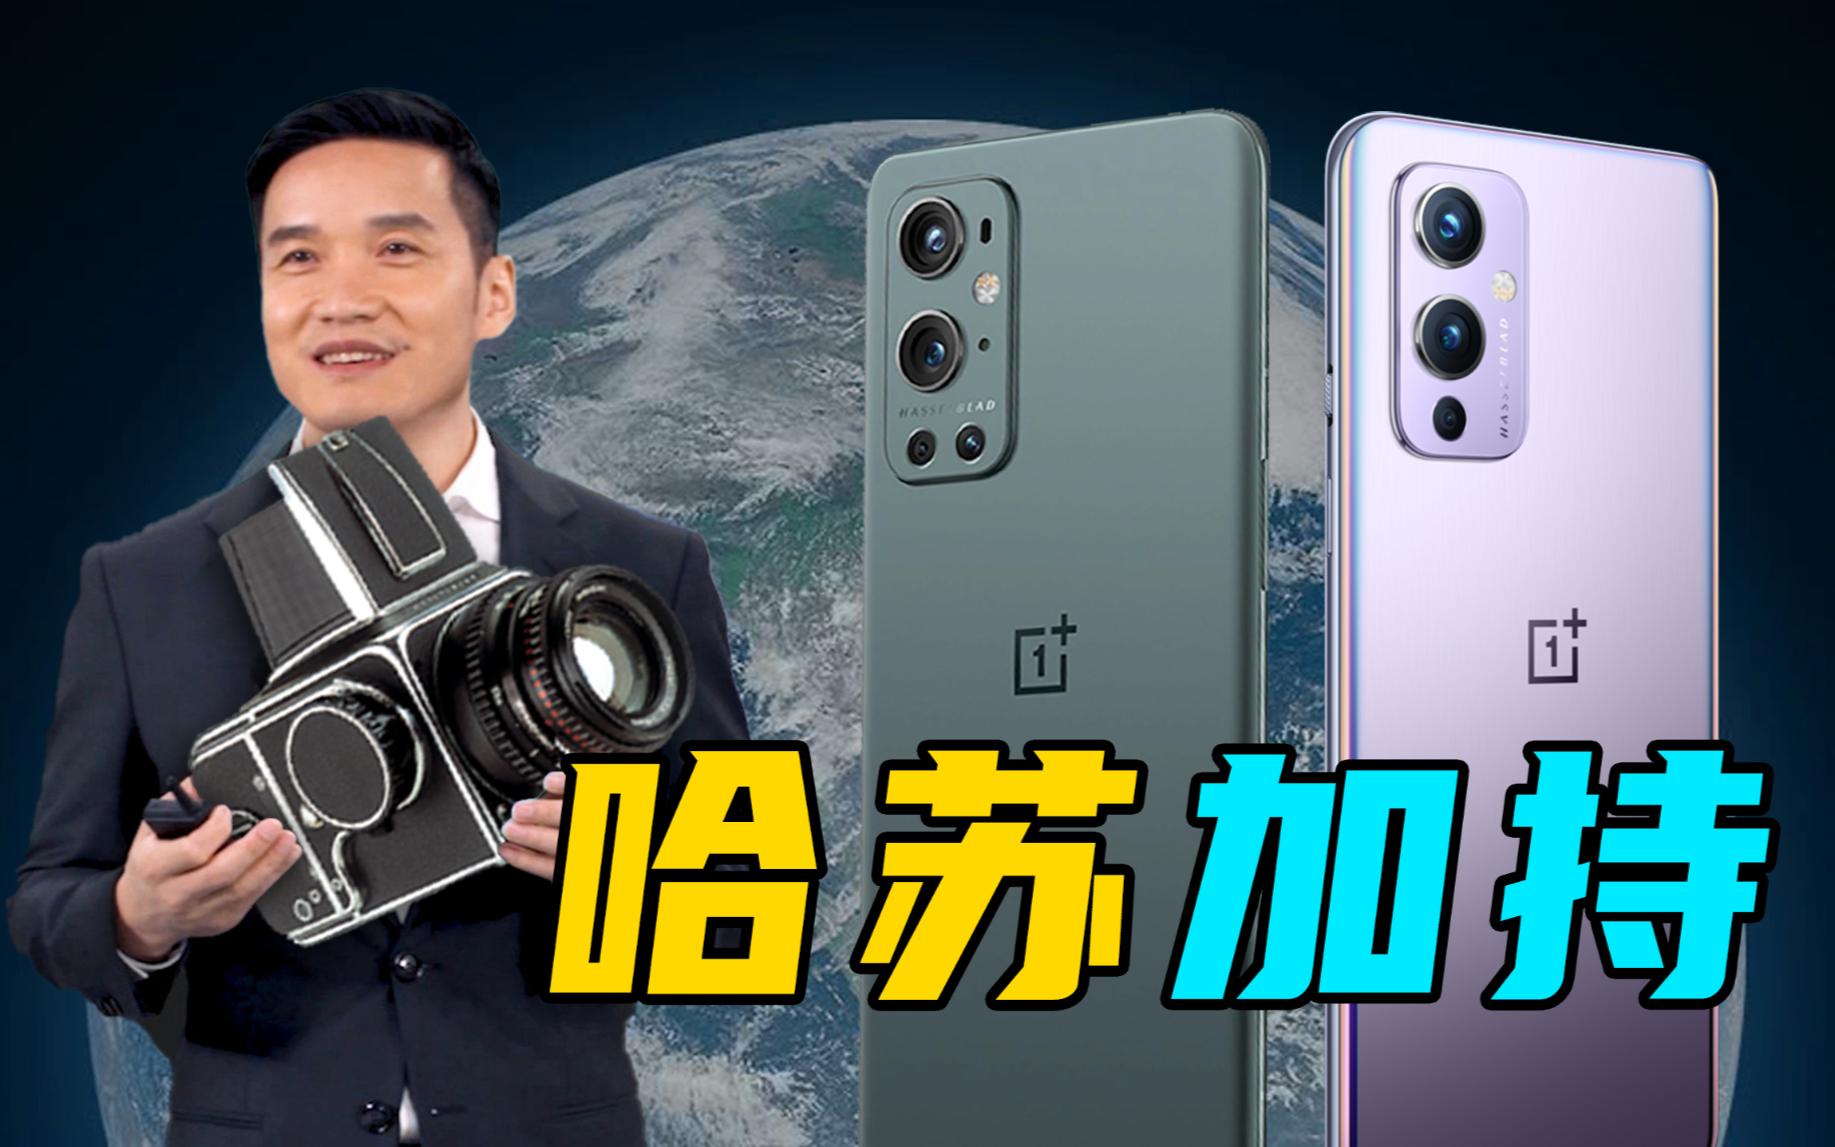 【短的发布会】年轻人的第一台哈苏,一加9 Pro搭载LTPO屏幕叫板旗舰天花板?